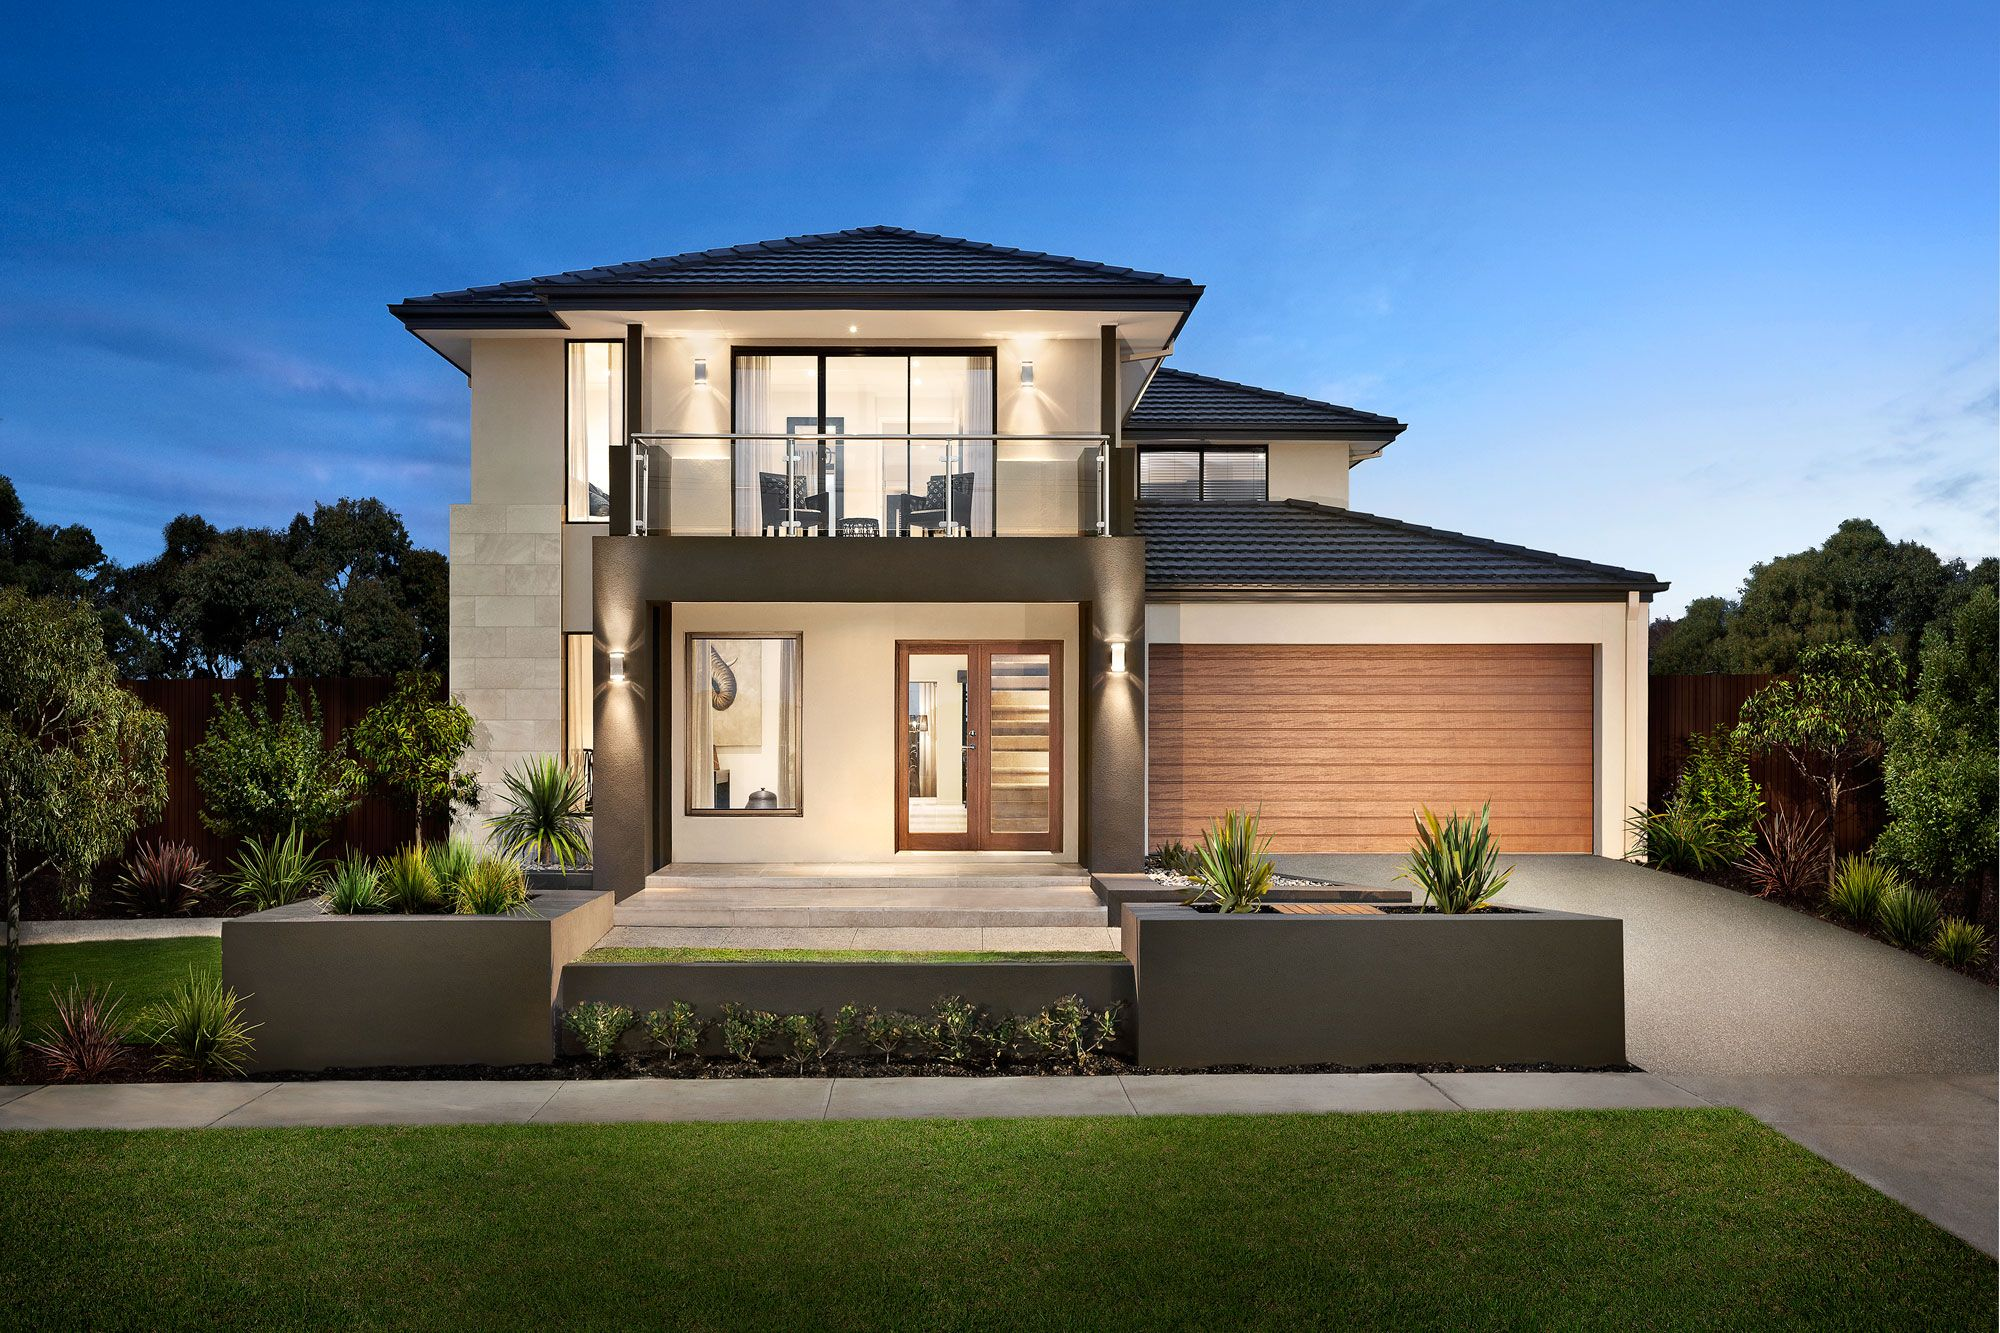 Carlisle homes thompson 35 breeze facade thompson 35 for Home facade design